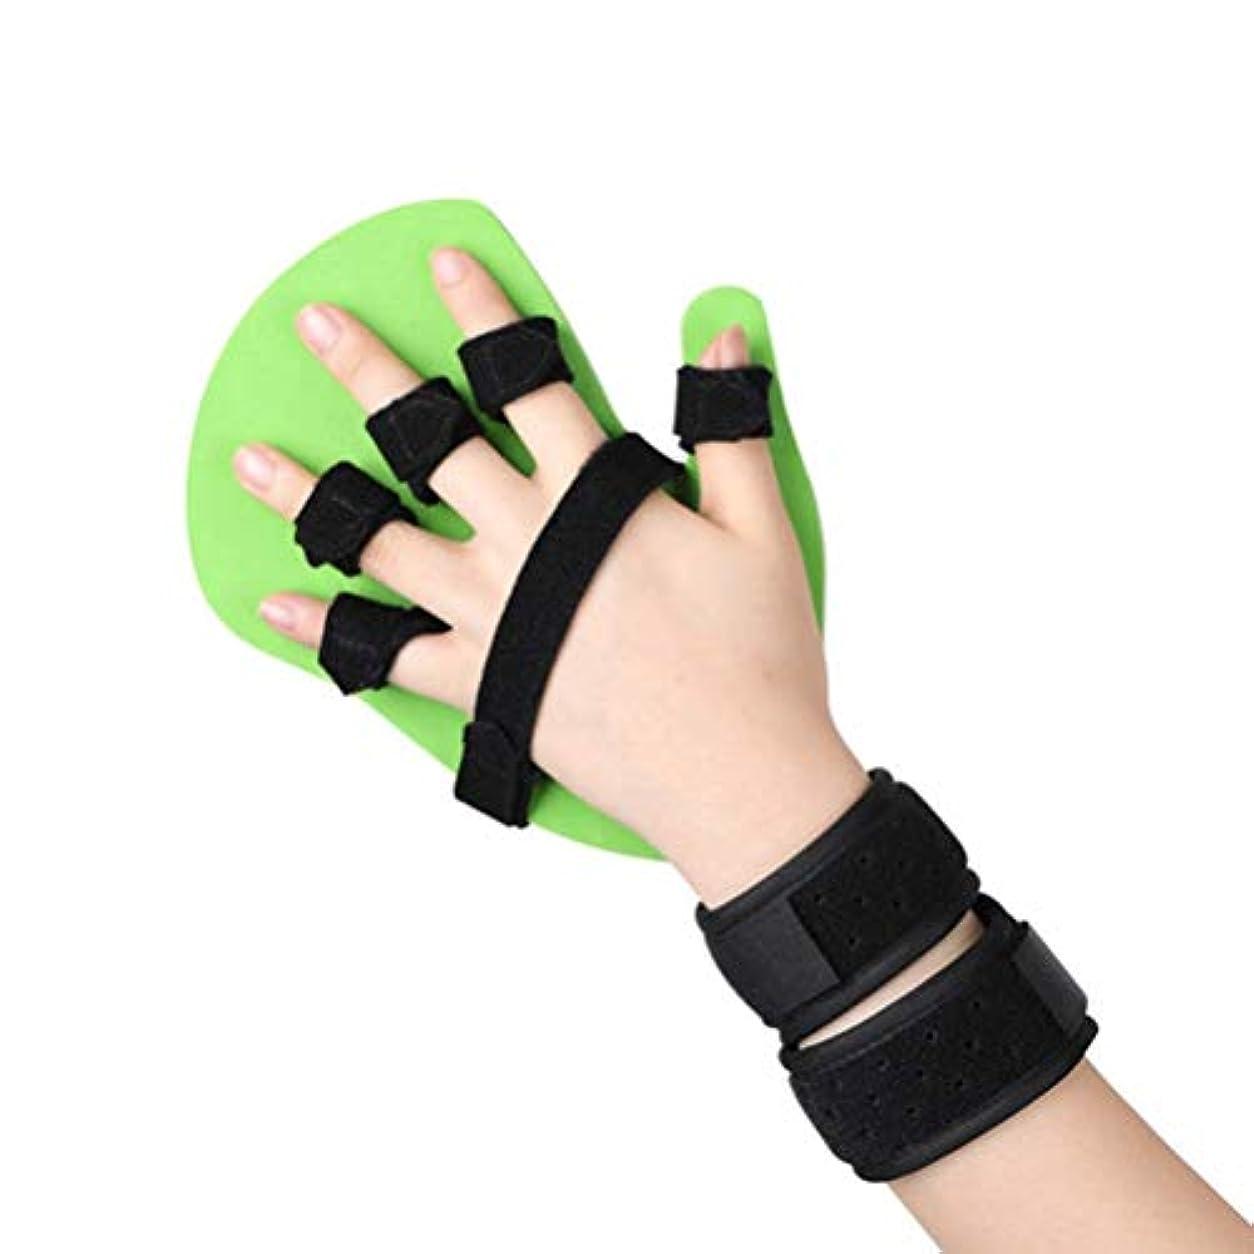 発送ボウリングステップセパレータインソールフィンガートレーニングデバイスフィンガースプリント指、手の手首のトレーニング装具デバイスブレースサポート攣縮拡張ボードスプリント脳卒中片麻痺、左右の手指 (Color : Left, Size : L)